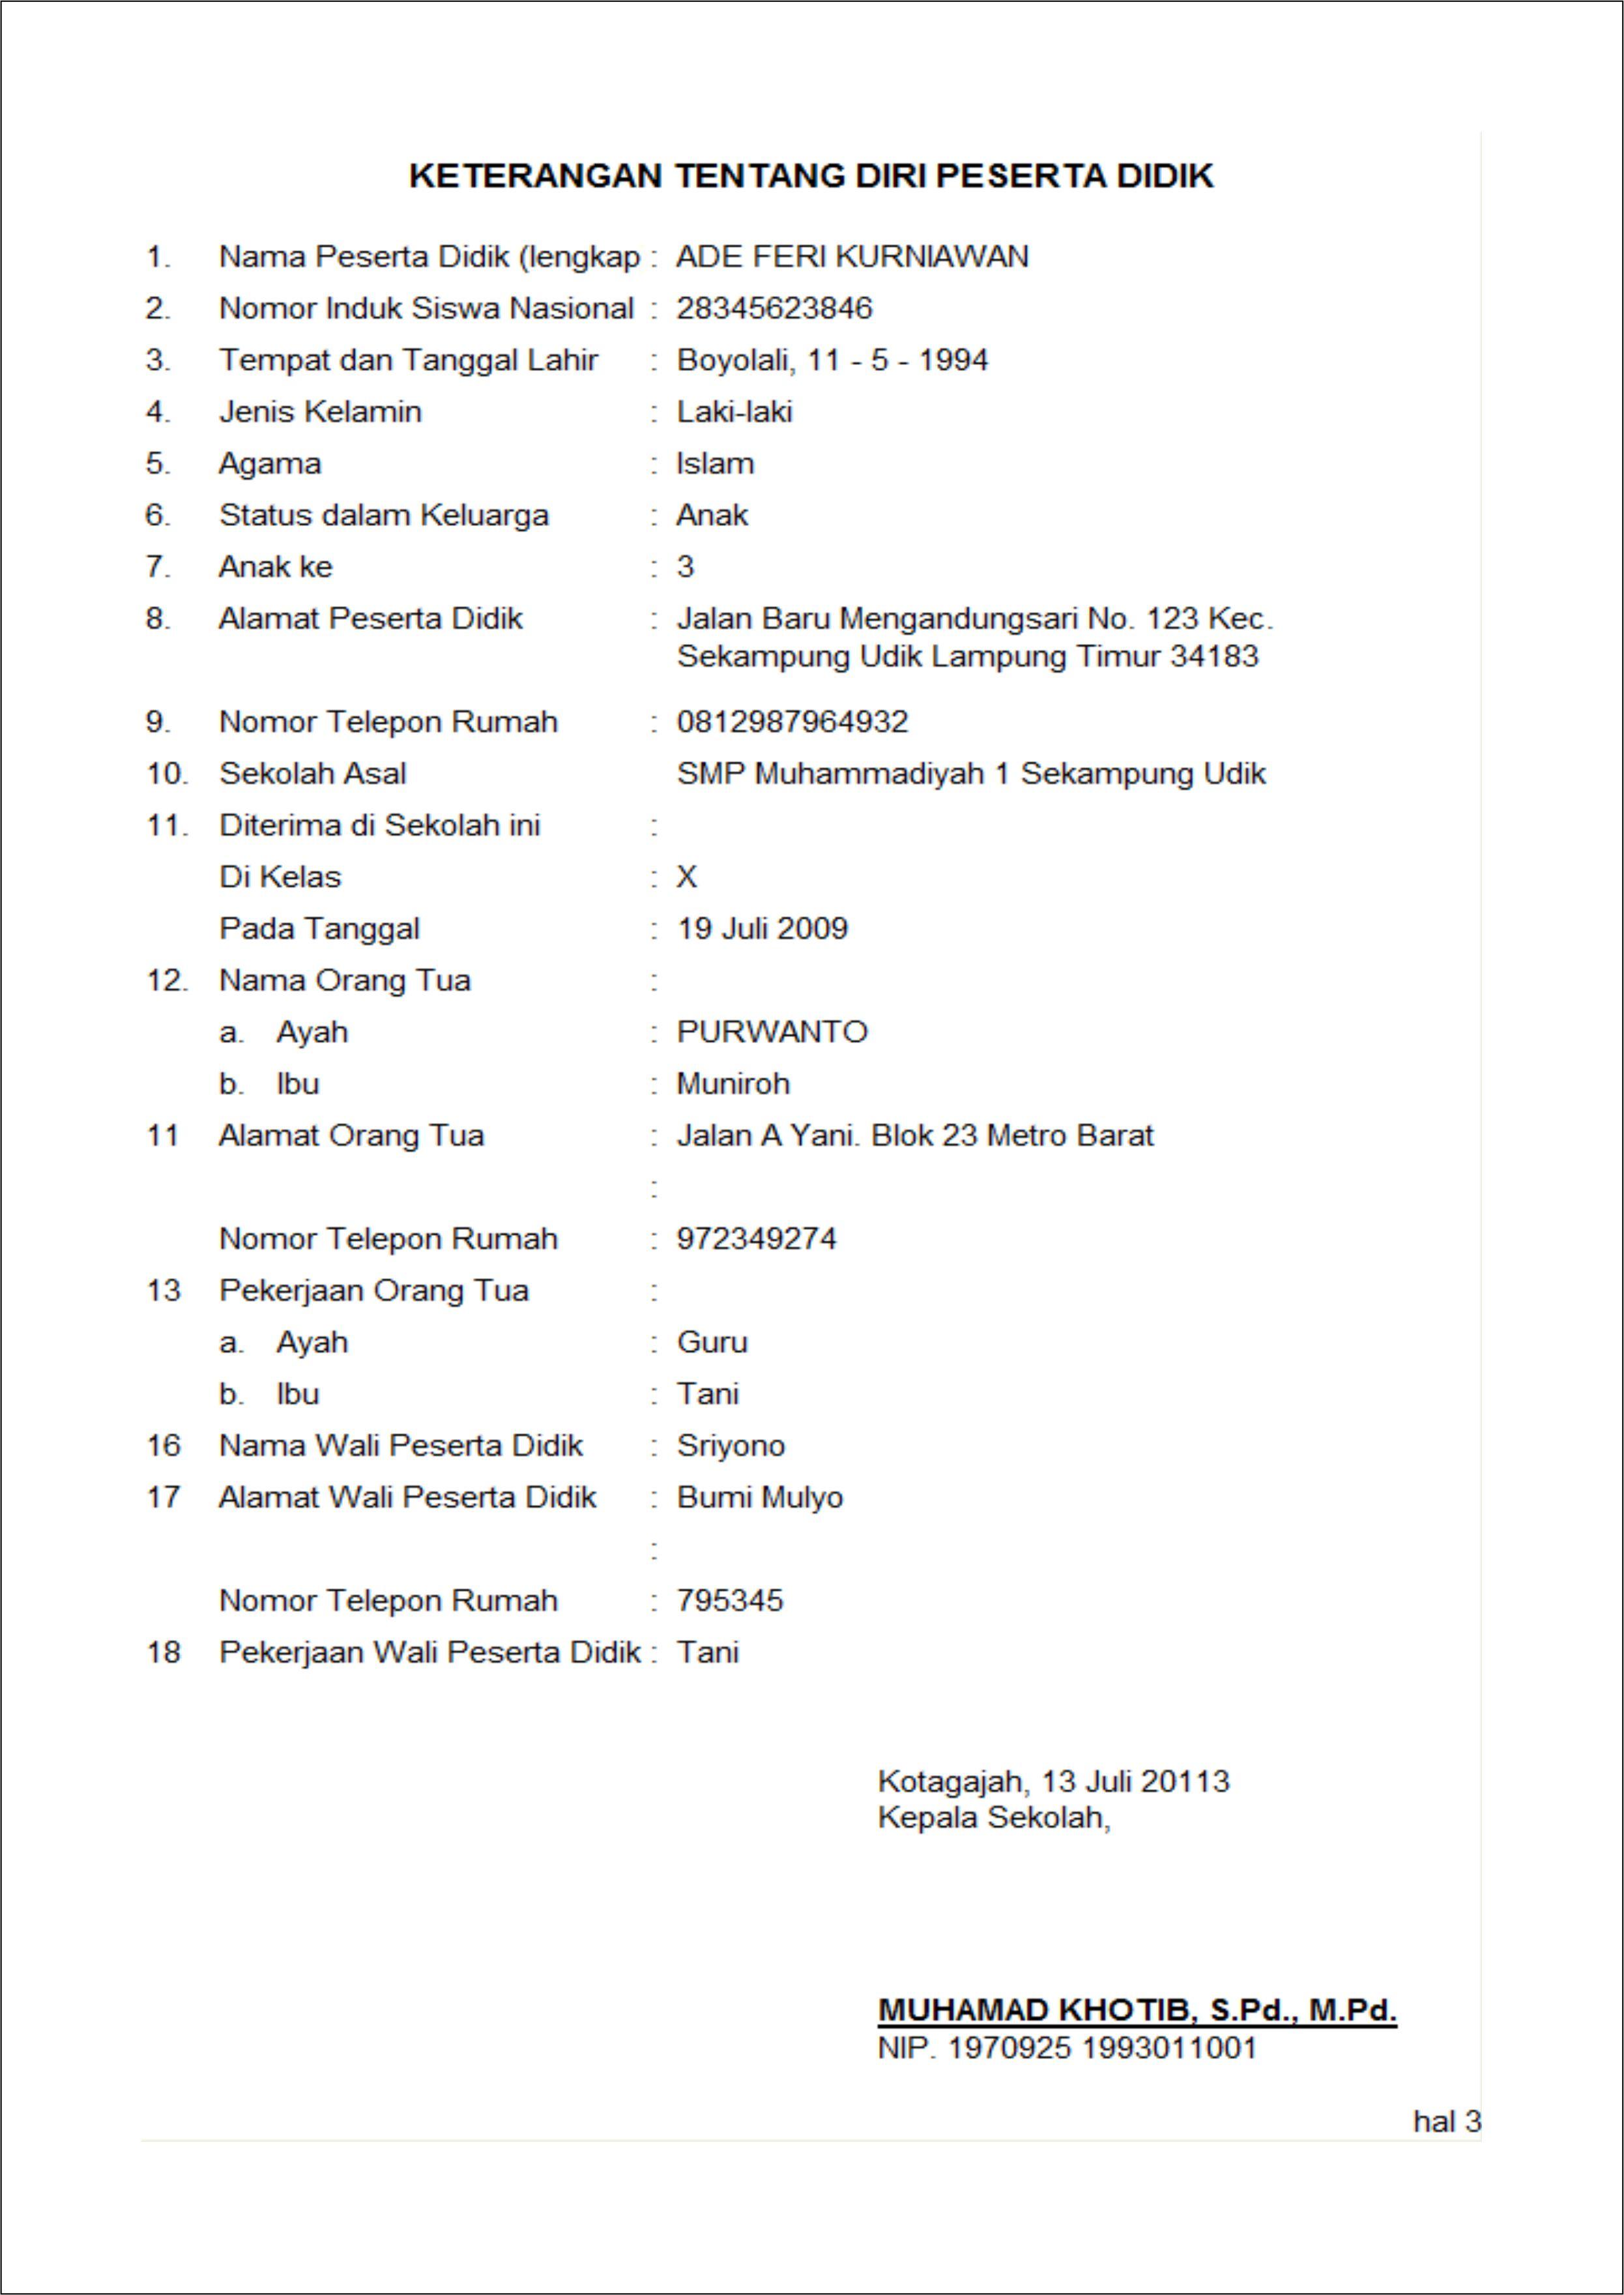 Contoh Hasil pencetakan lembaran raport (LCK)